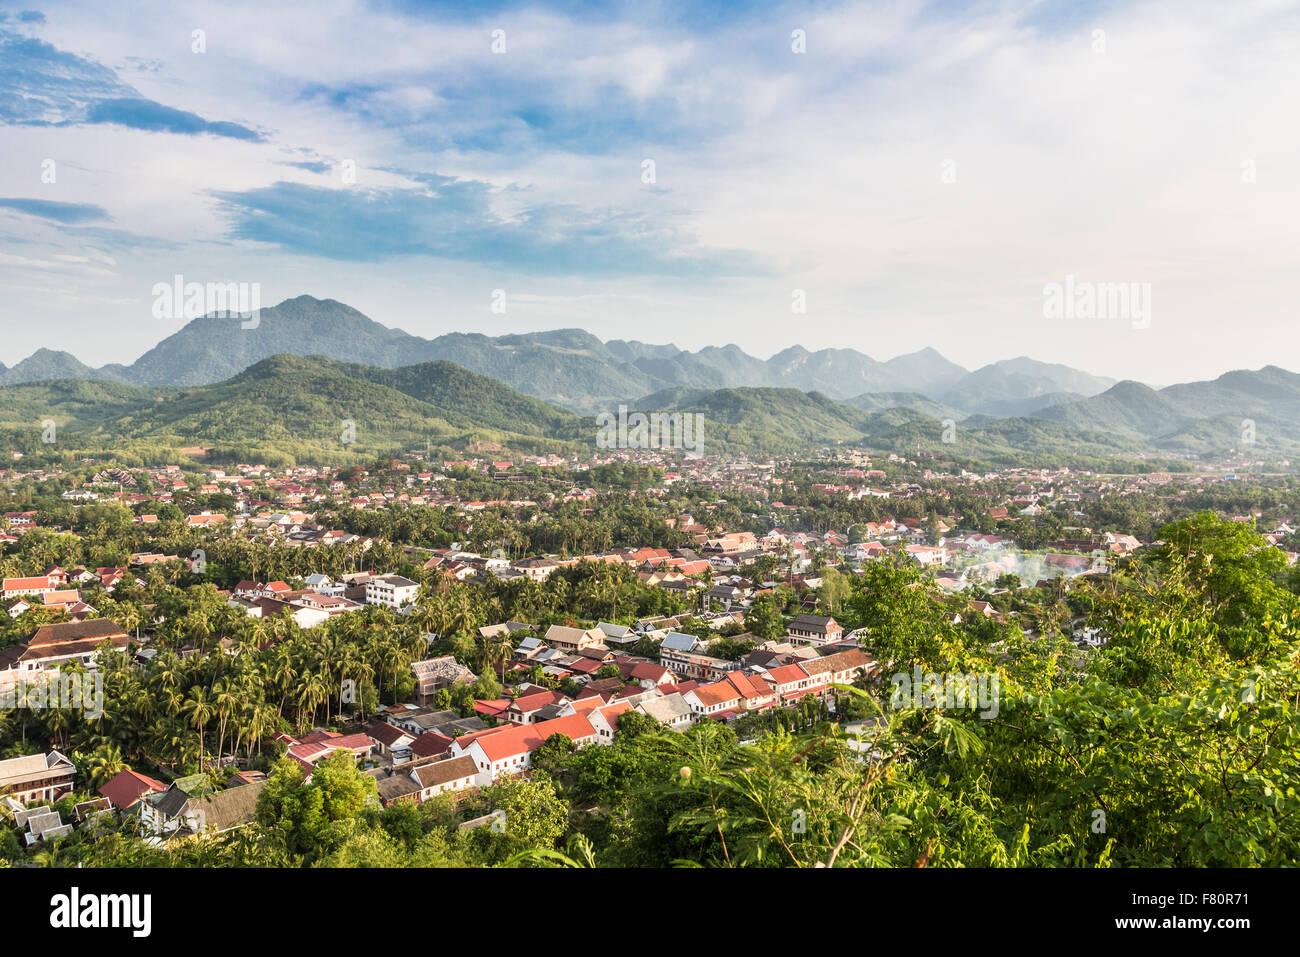 Eine Luftaufnahme von Luang Prabang in Laos. Die Stadt liegt entlang des Mekong-Flusses und ist eines der wichtigsten Stockbild